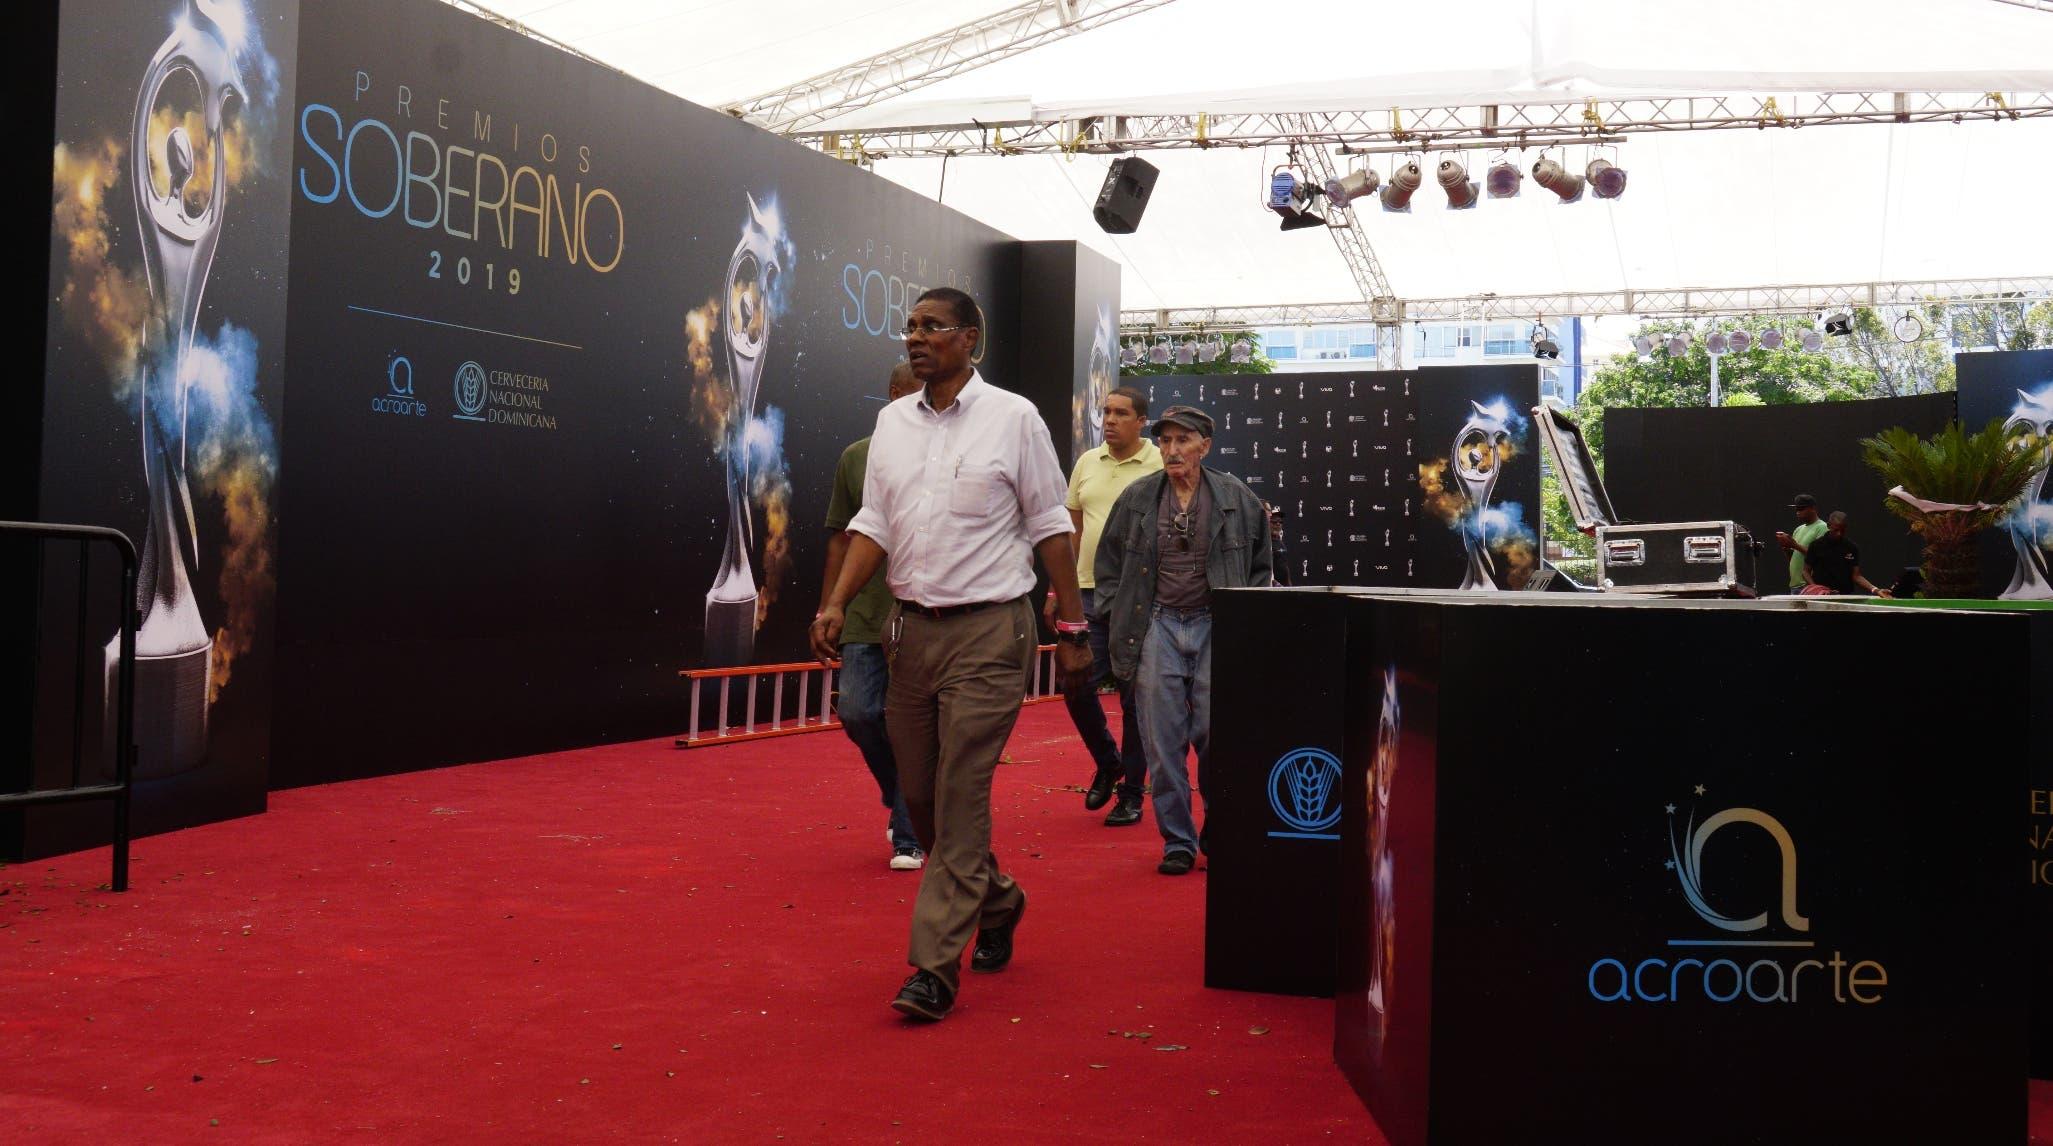 El escenario de la alfombra roja está listo para que desfilen las estrella esta noche  al celebrarse  los Premios Soberano.  AGENCIA FOTO